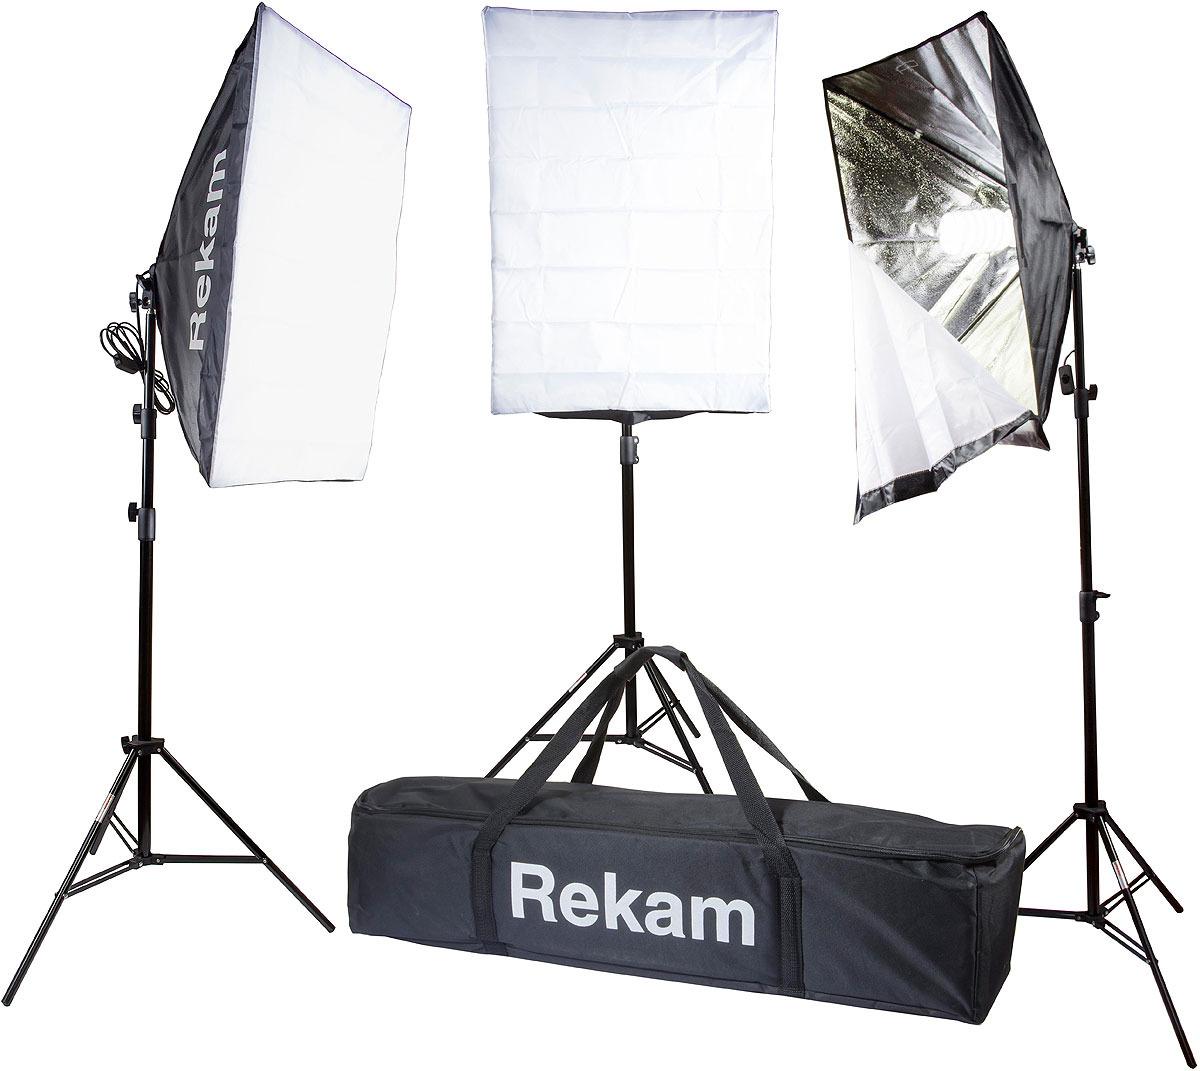 Комплект флуоресцентных осветителей Rekam CL-465-FL3-SB Kit & CL-465-FL3-SB Kit, Black комплект флуоресцентных осветителей rekam cl 435 fl3 sb boom kit